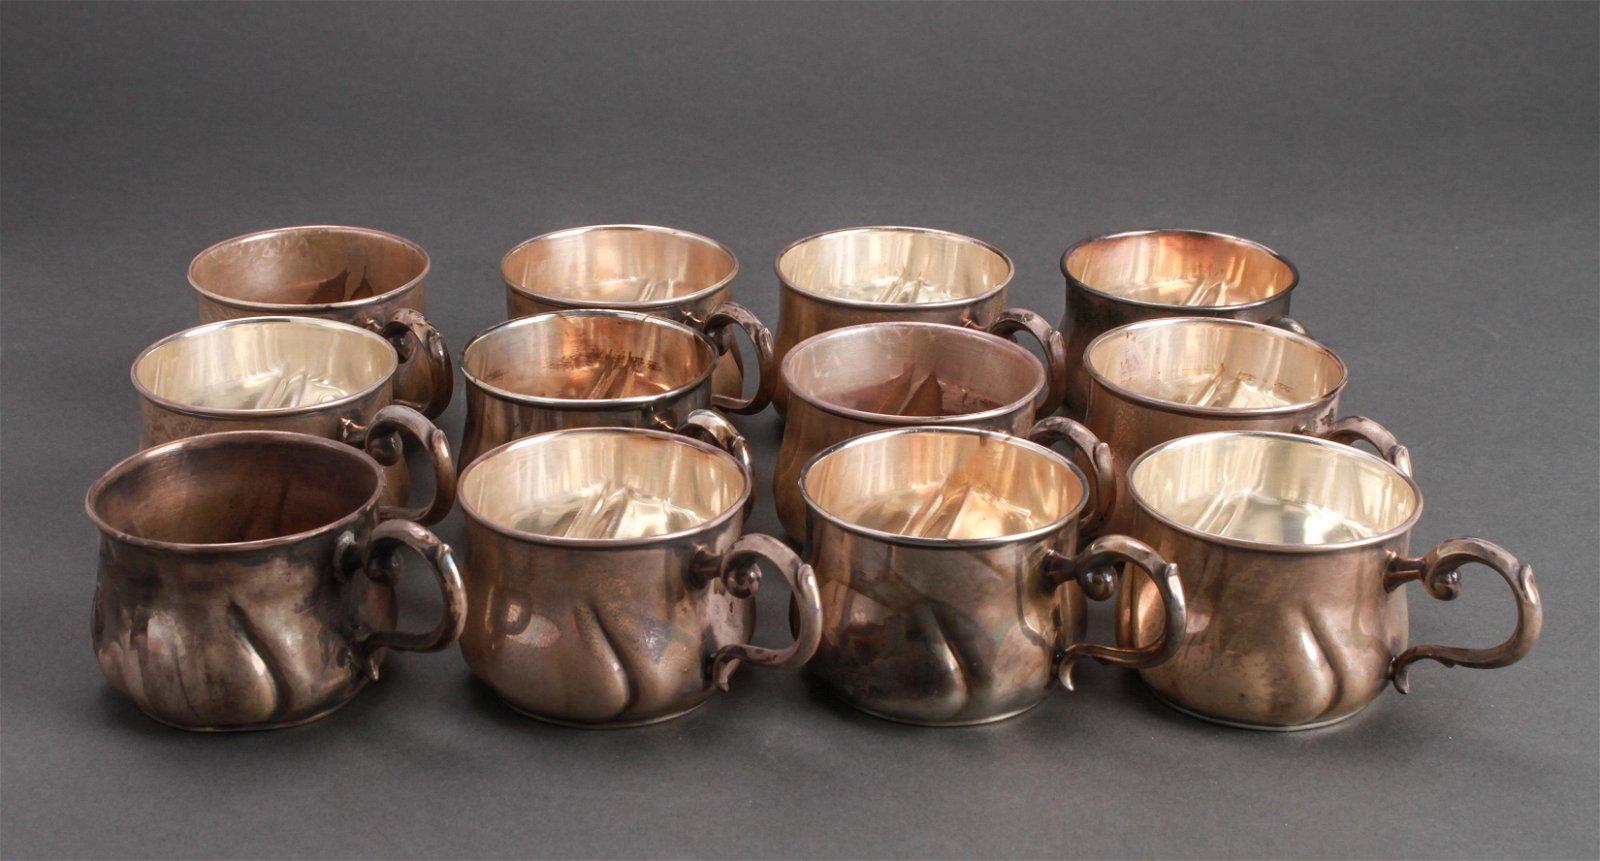 Sterling Silver Art Nouveau Punch Cups, 12